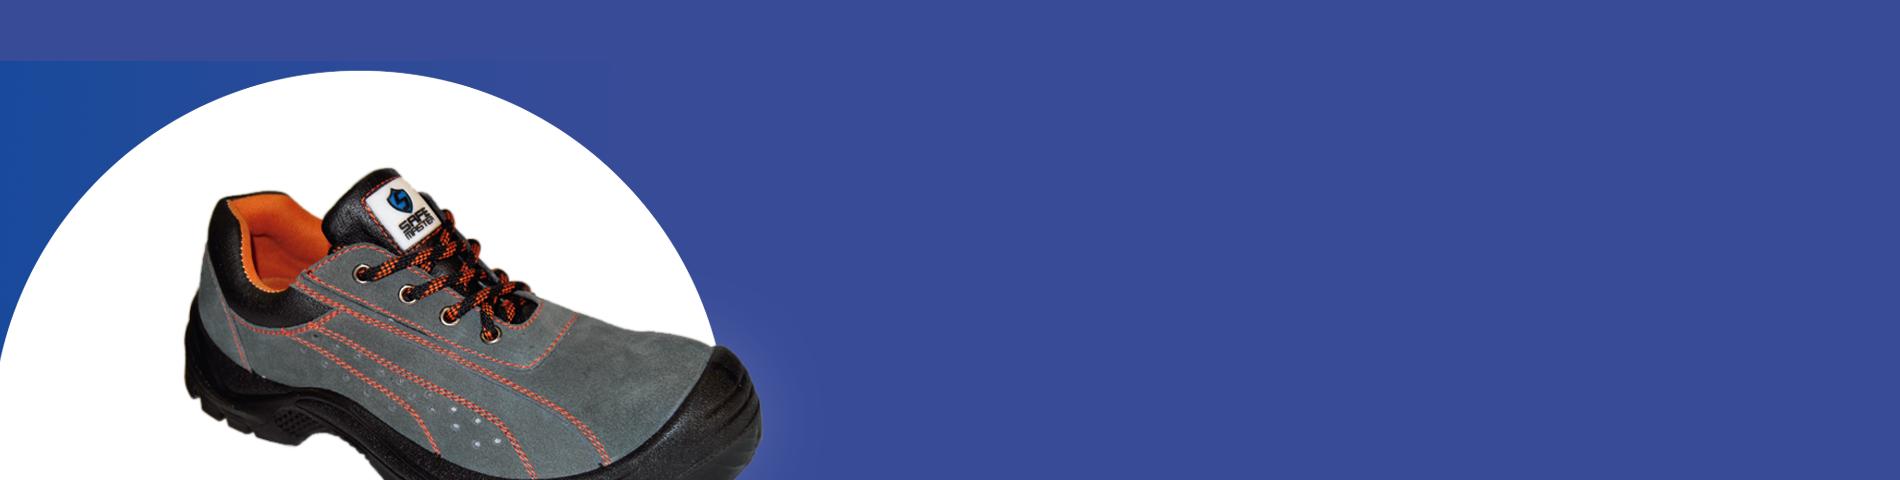 tesla tecnos teslatecnos TESLATECNOS TESLA TECNOS Tesla Tecnos servicios ingenieria prevencion riesgos laborales servicios auxiliares técnicos industria calidad experiencia algeciras campo gibraltar refinería precio profesionalidad contratar seguridad trabajo seguridad